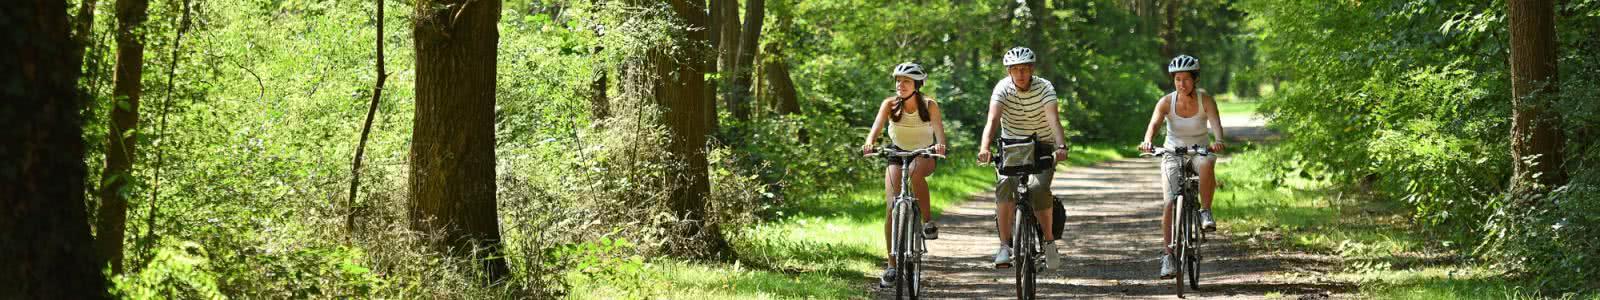 Randonnée et balade à vélo en Sologne - Vacances à vélo en Loir-et-Cher Val de Loire ©J.Damase ADT41